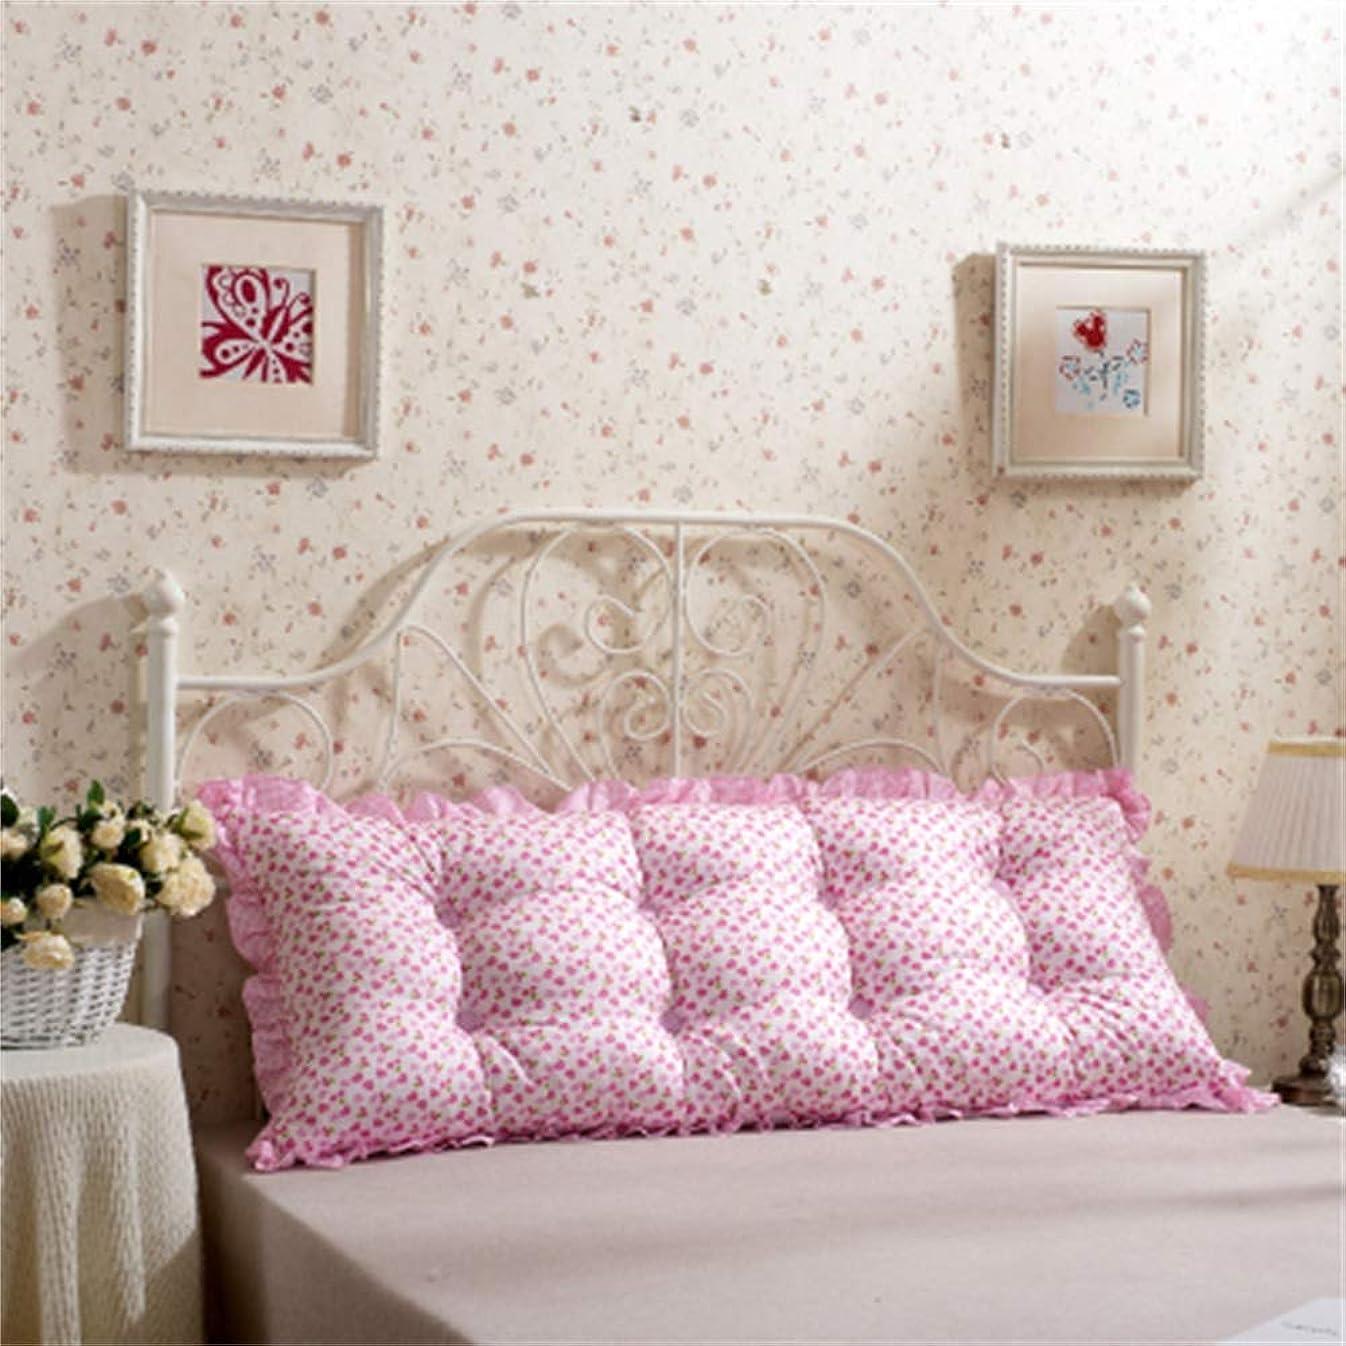 無人ワードローブ豚GLP 韓国のプリンセスガーデン綿ヘッド背もたれベッドソファ大クッション枕枕腰椎枕取り外し可能と洗える、24色&5サイズ (Color : X, Size : 200x20x60cm)